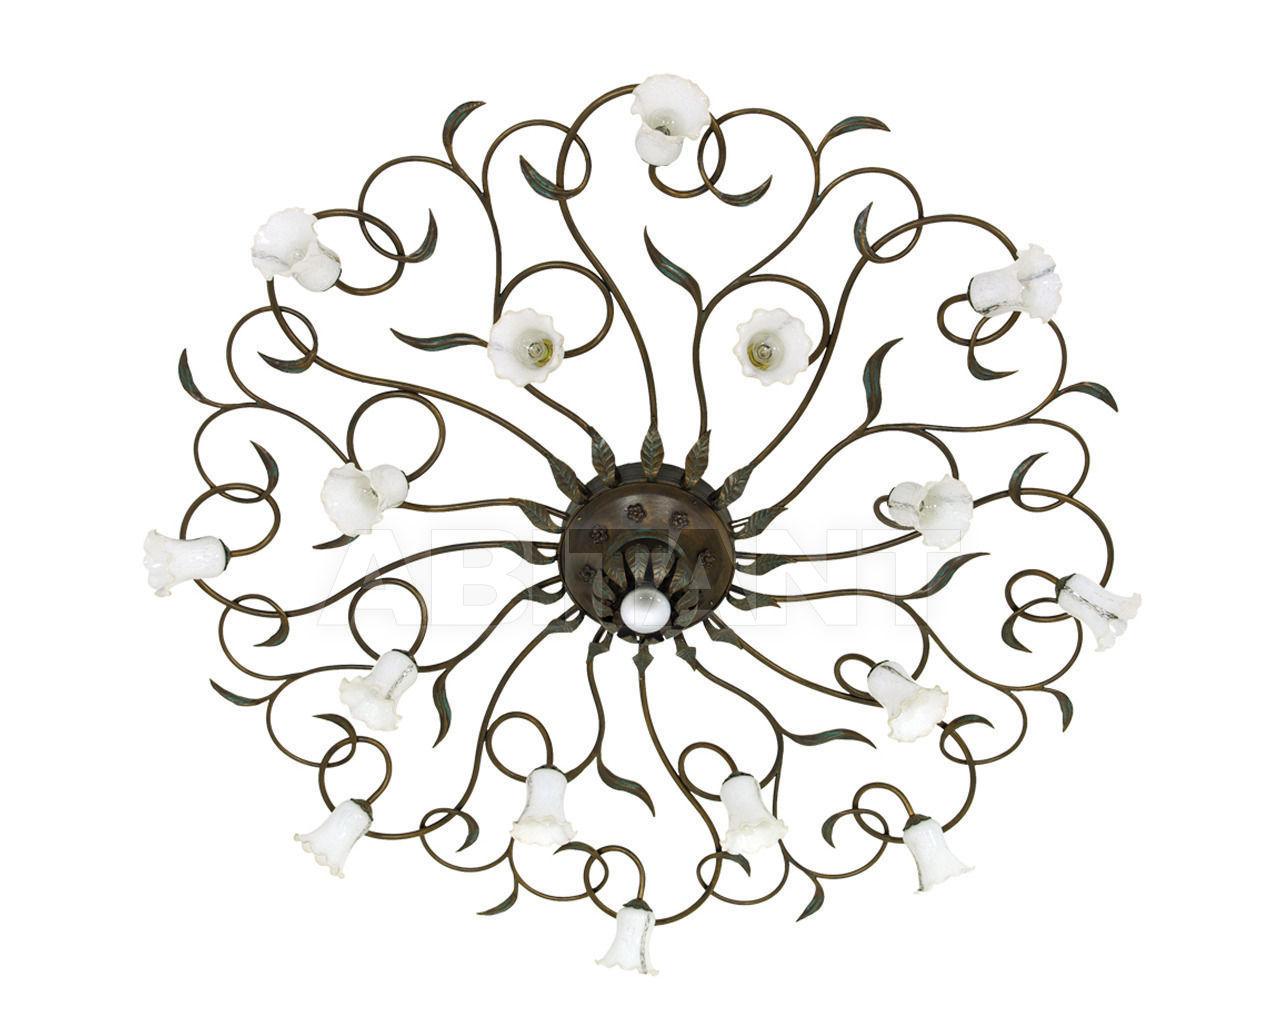 Купить Светильник FMB Leuchten Schmiedeeisen Lampen Und Leuchten 94209